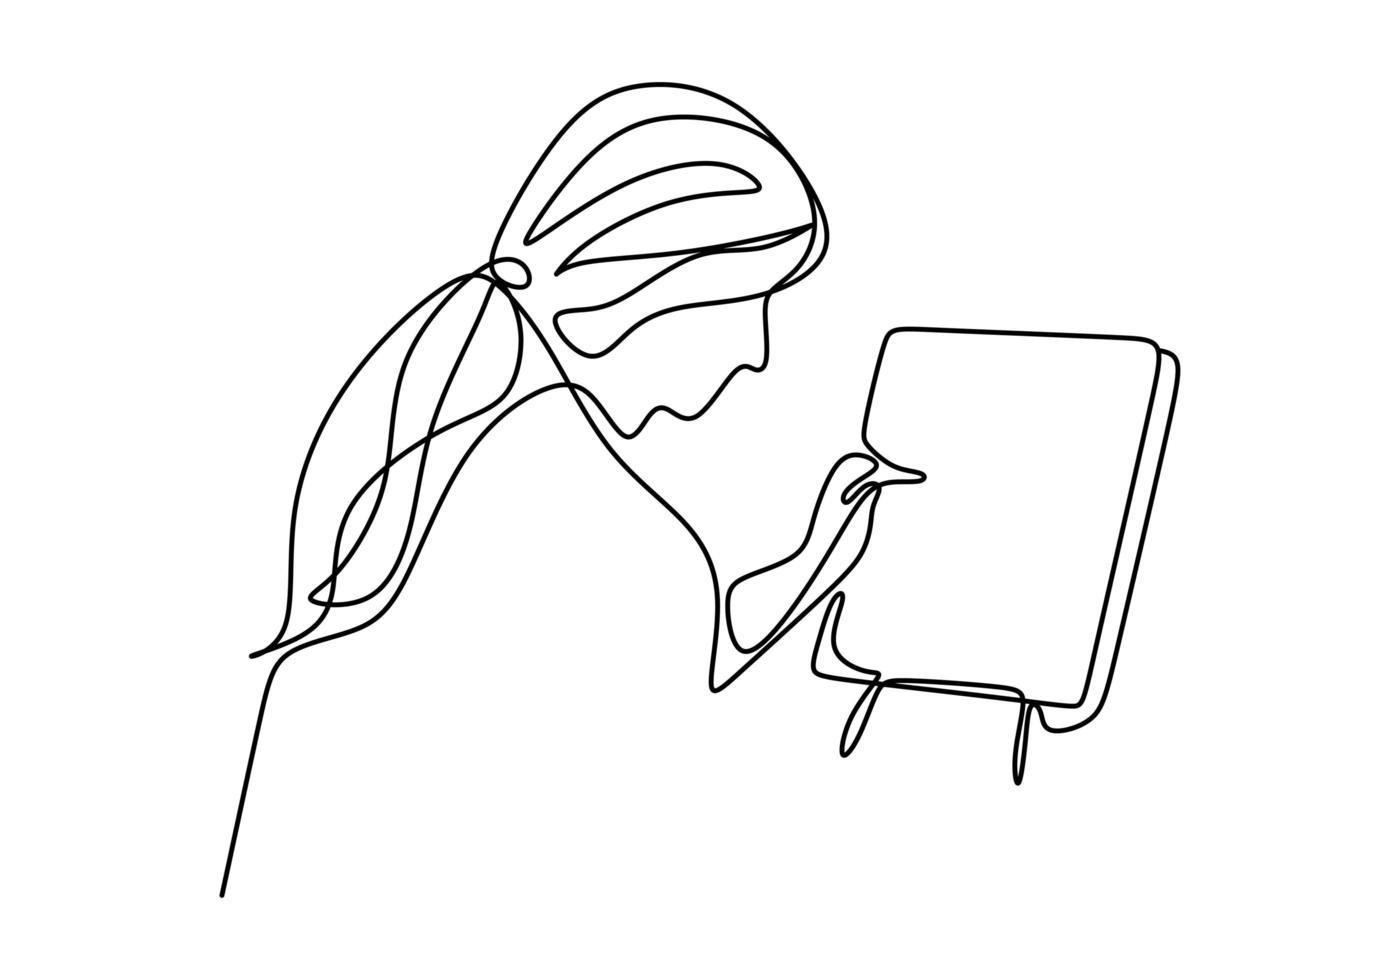 um único desenho contínuo. uma garota pintando sobre tela, ilustração vetorial, isolada no fundo branco. vetor